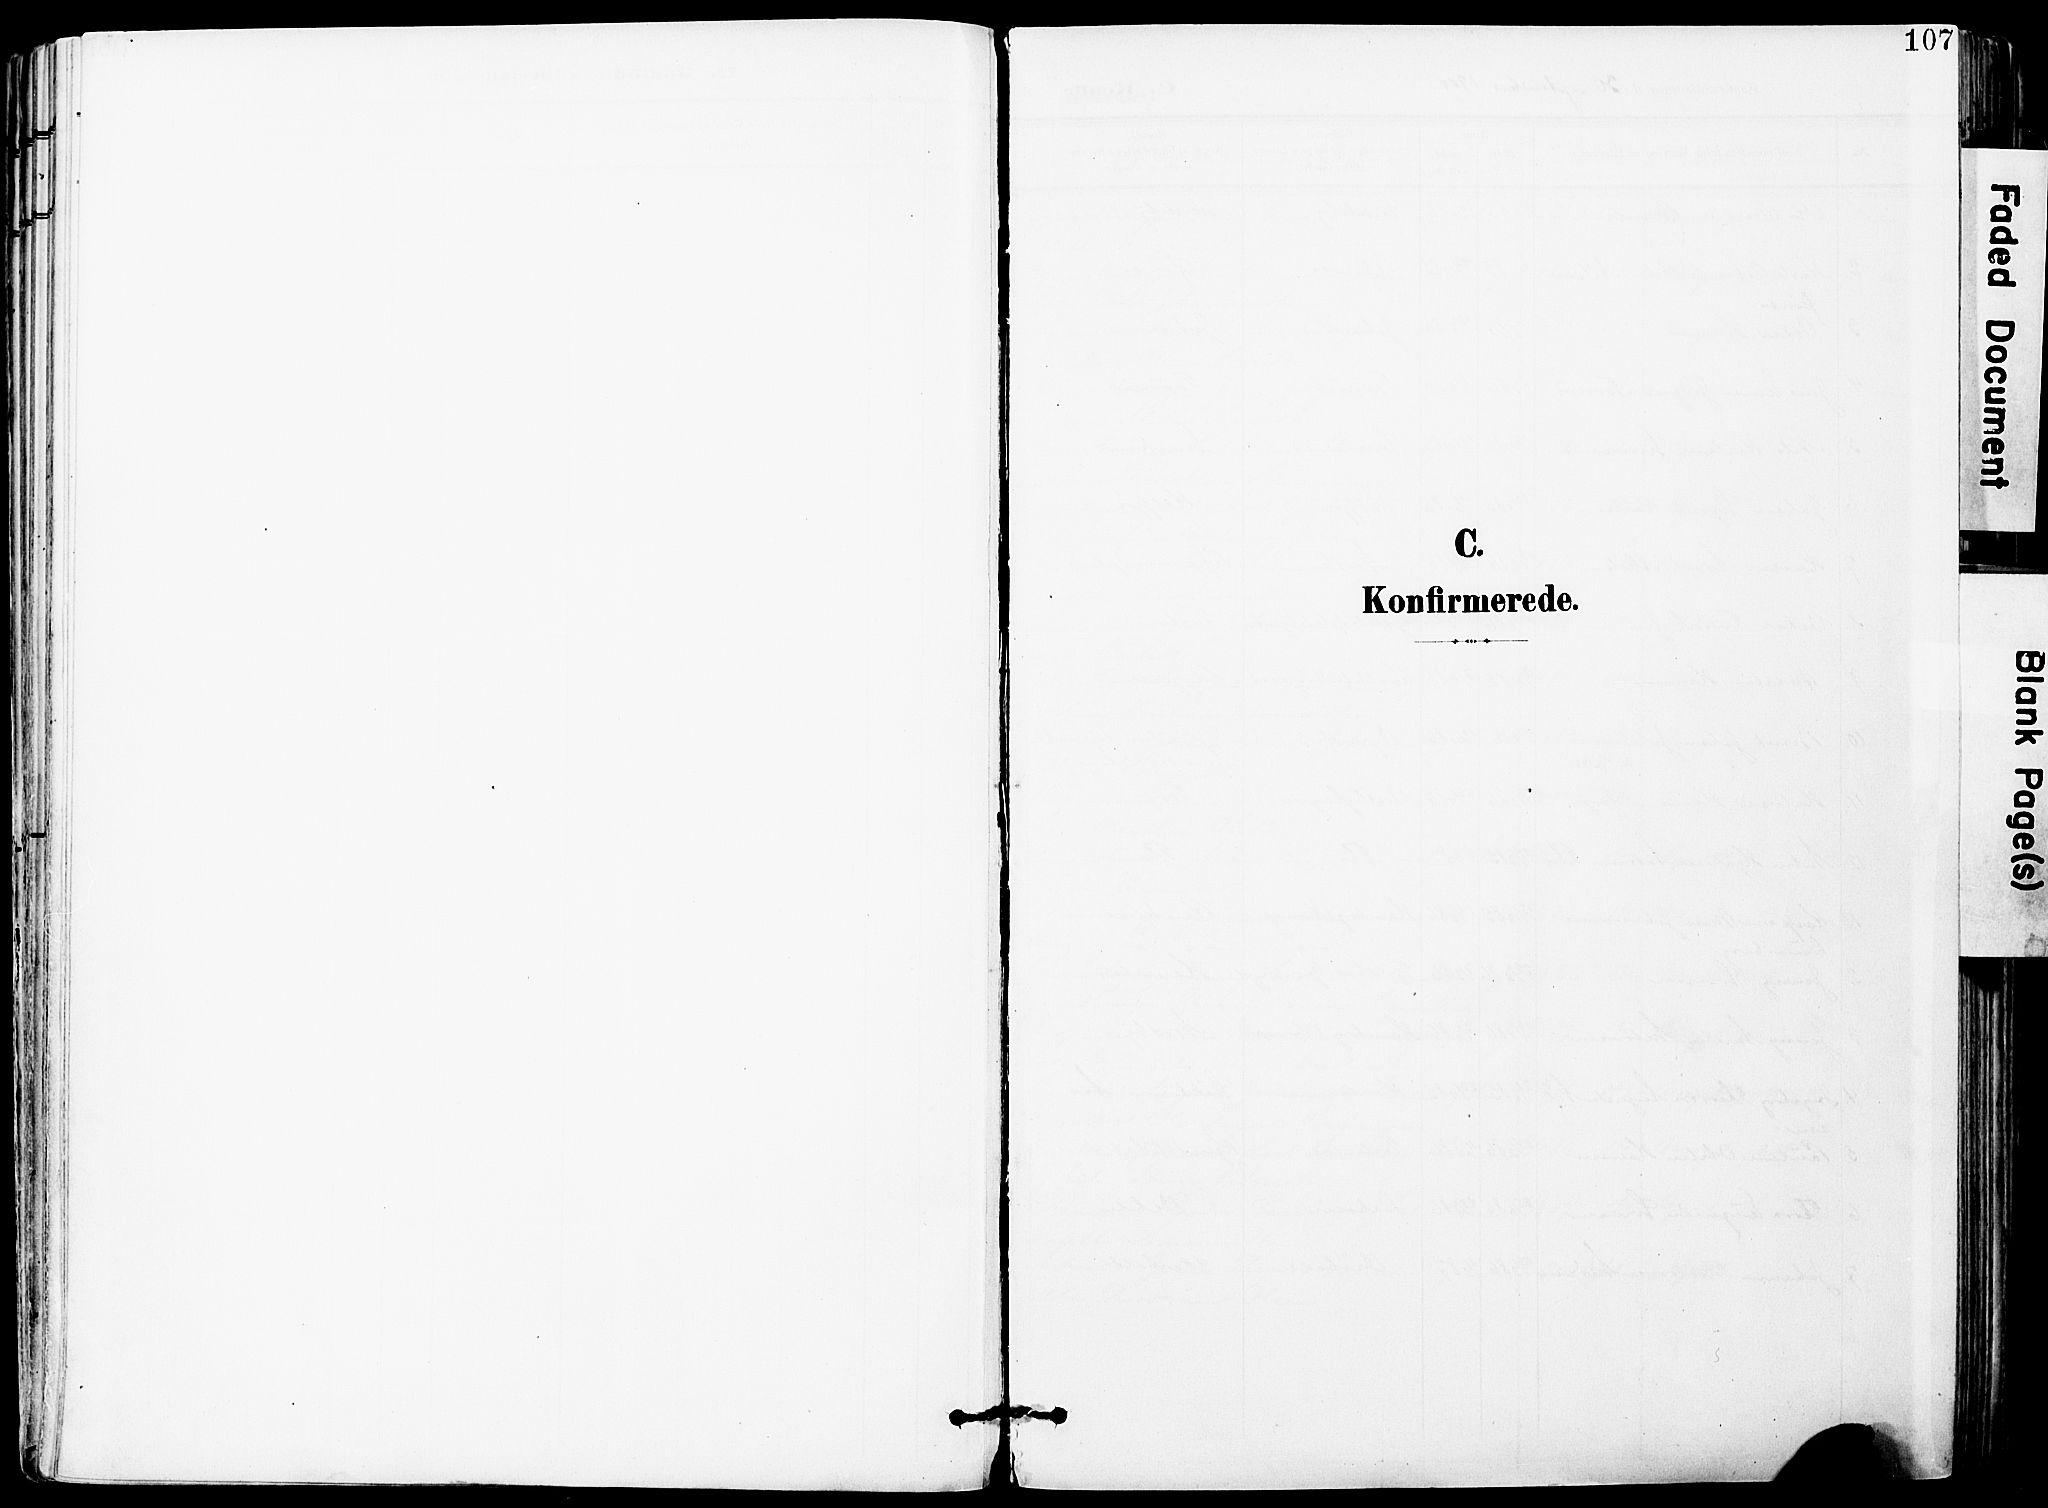 SAO, Vestby prestekontor Kirkebøker, F/Fa/L0010: Ministerialbok nr. I 10, 1900-1926, s. 107